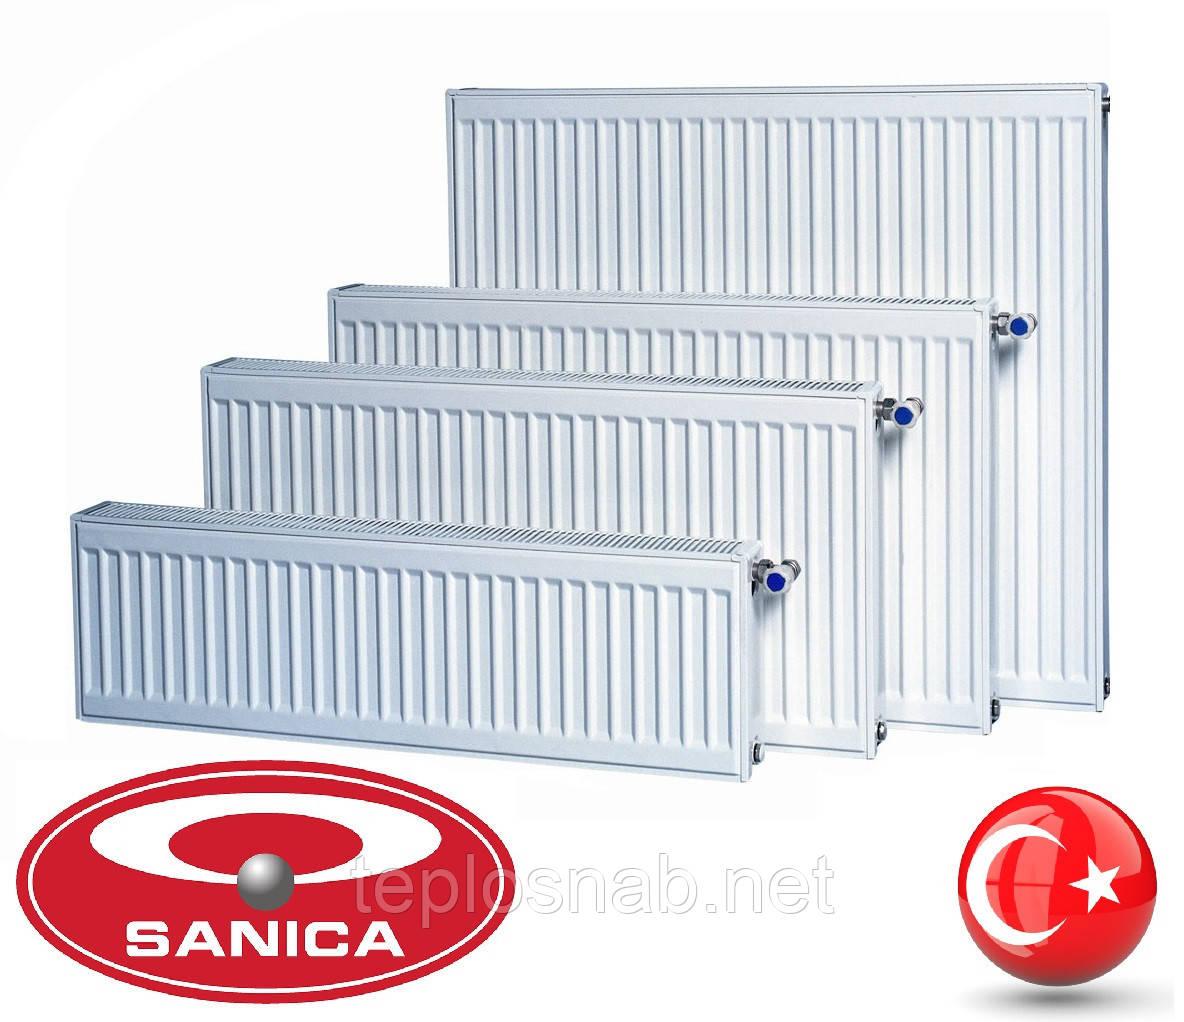 Стальной радиатор Sanica 22 тип (500 х 800 мм) / 1543 Вт